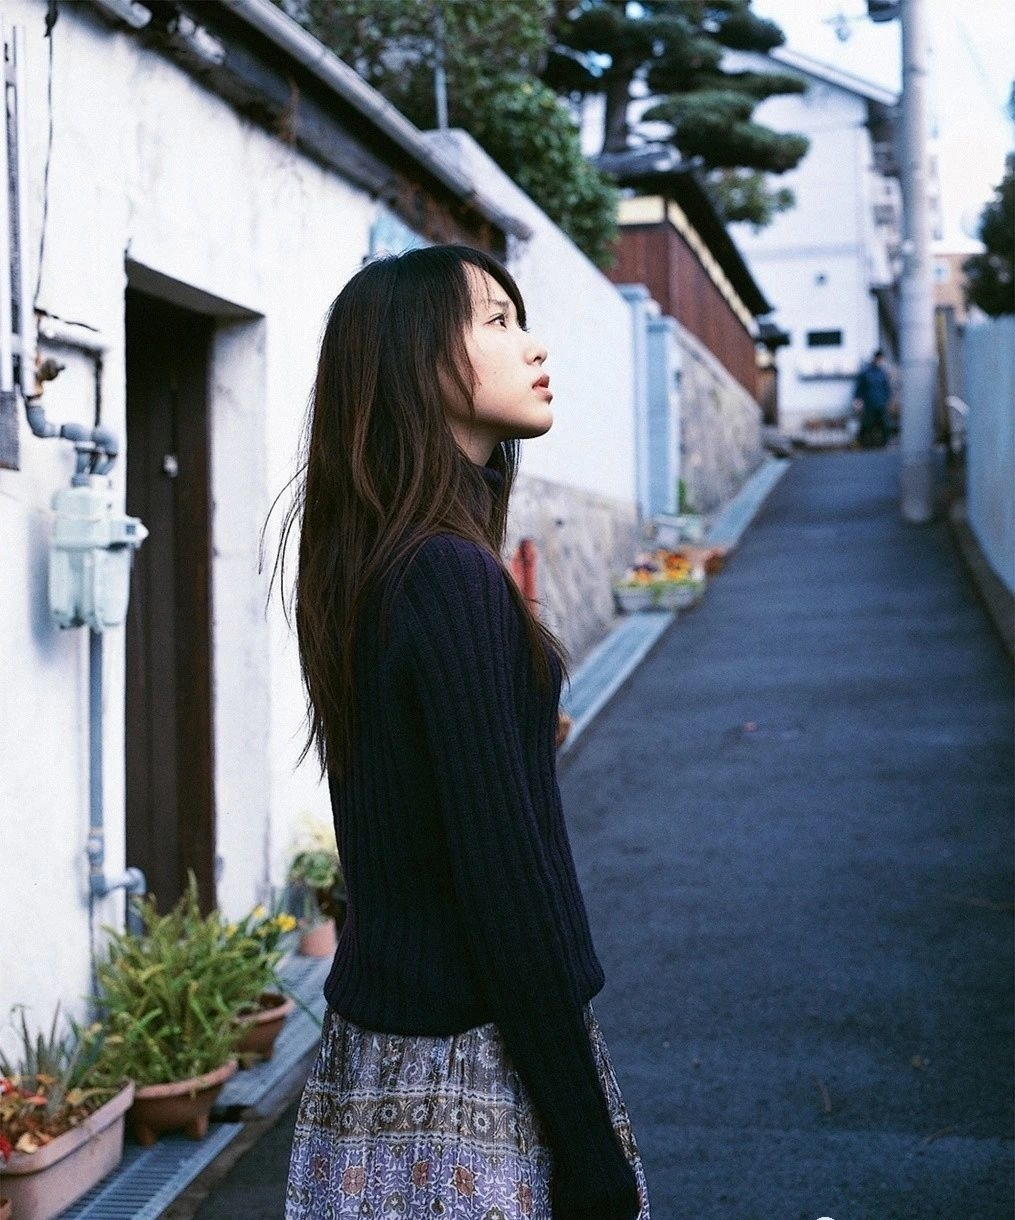 美的不可方物少女时代的户田惠梨香写真作品 (39)